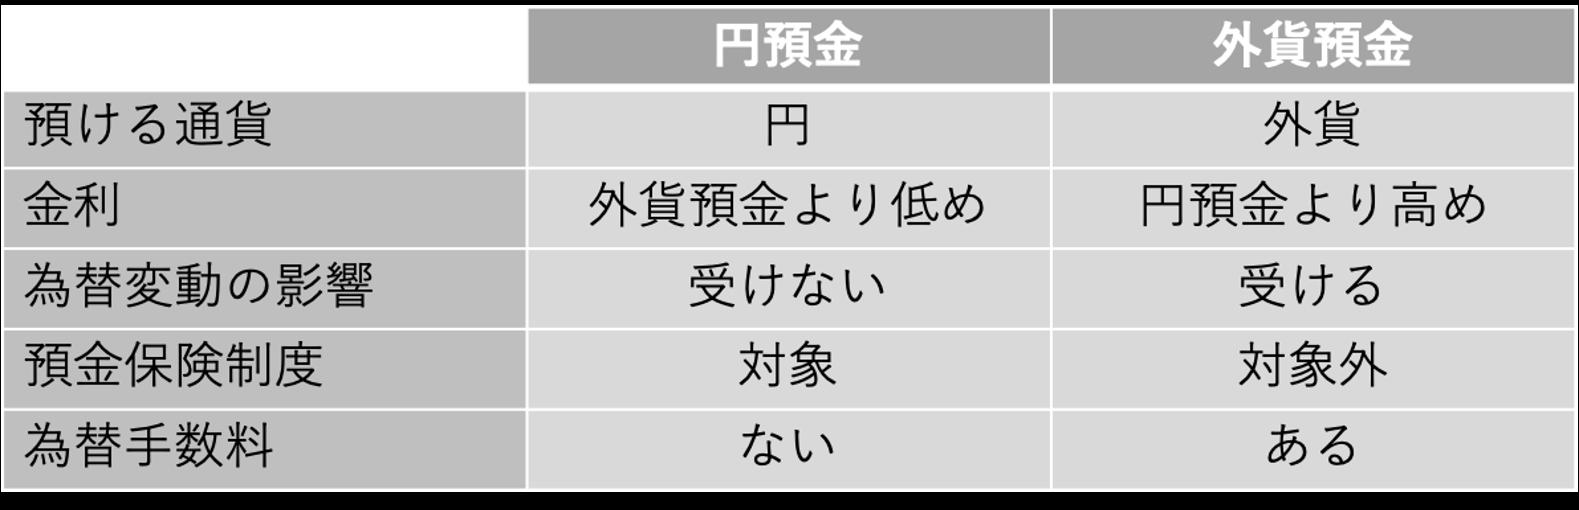 円預金との違い